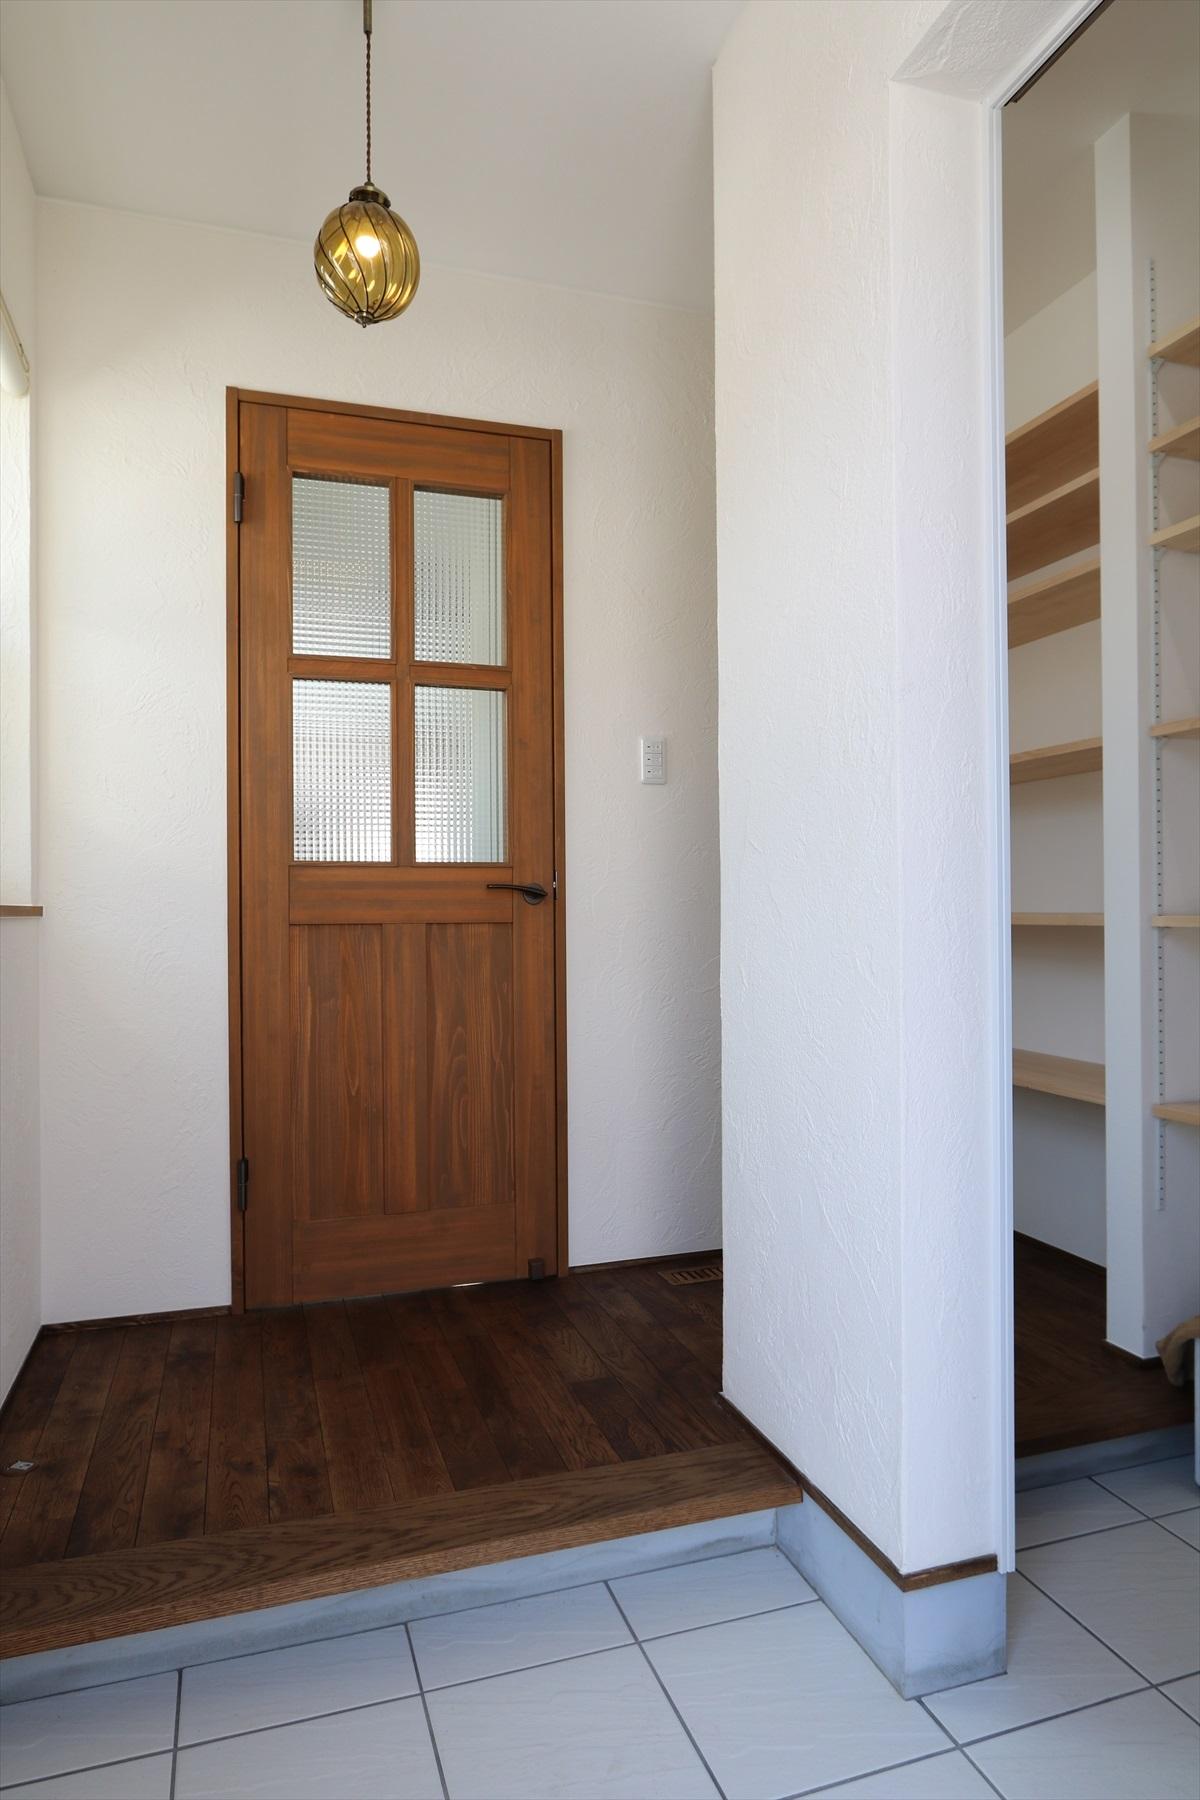 趣味を楽しみ仲間が集う家 石川県金沢市の注文住宅・デザイン性・新築の家・戸建て E-HOUSE